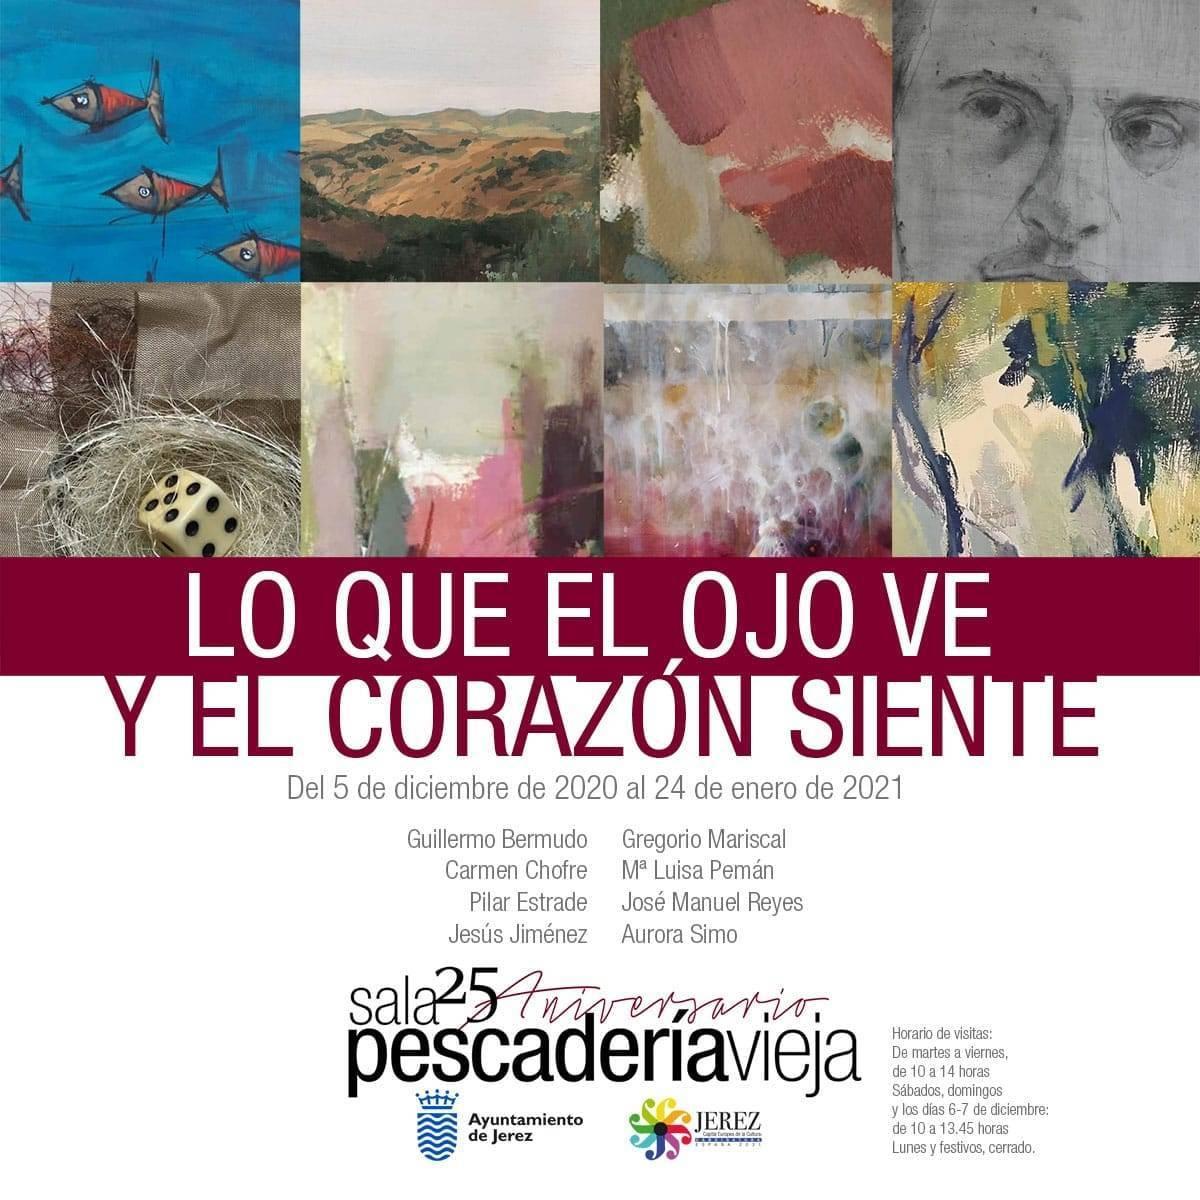 Lo que el ojo ve y el corazón siente (2020-2021) - Jerez de la Frontera (Cádiz)